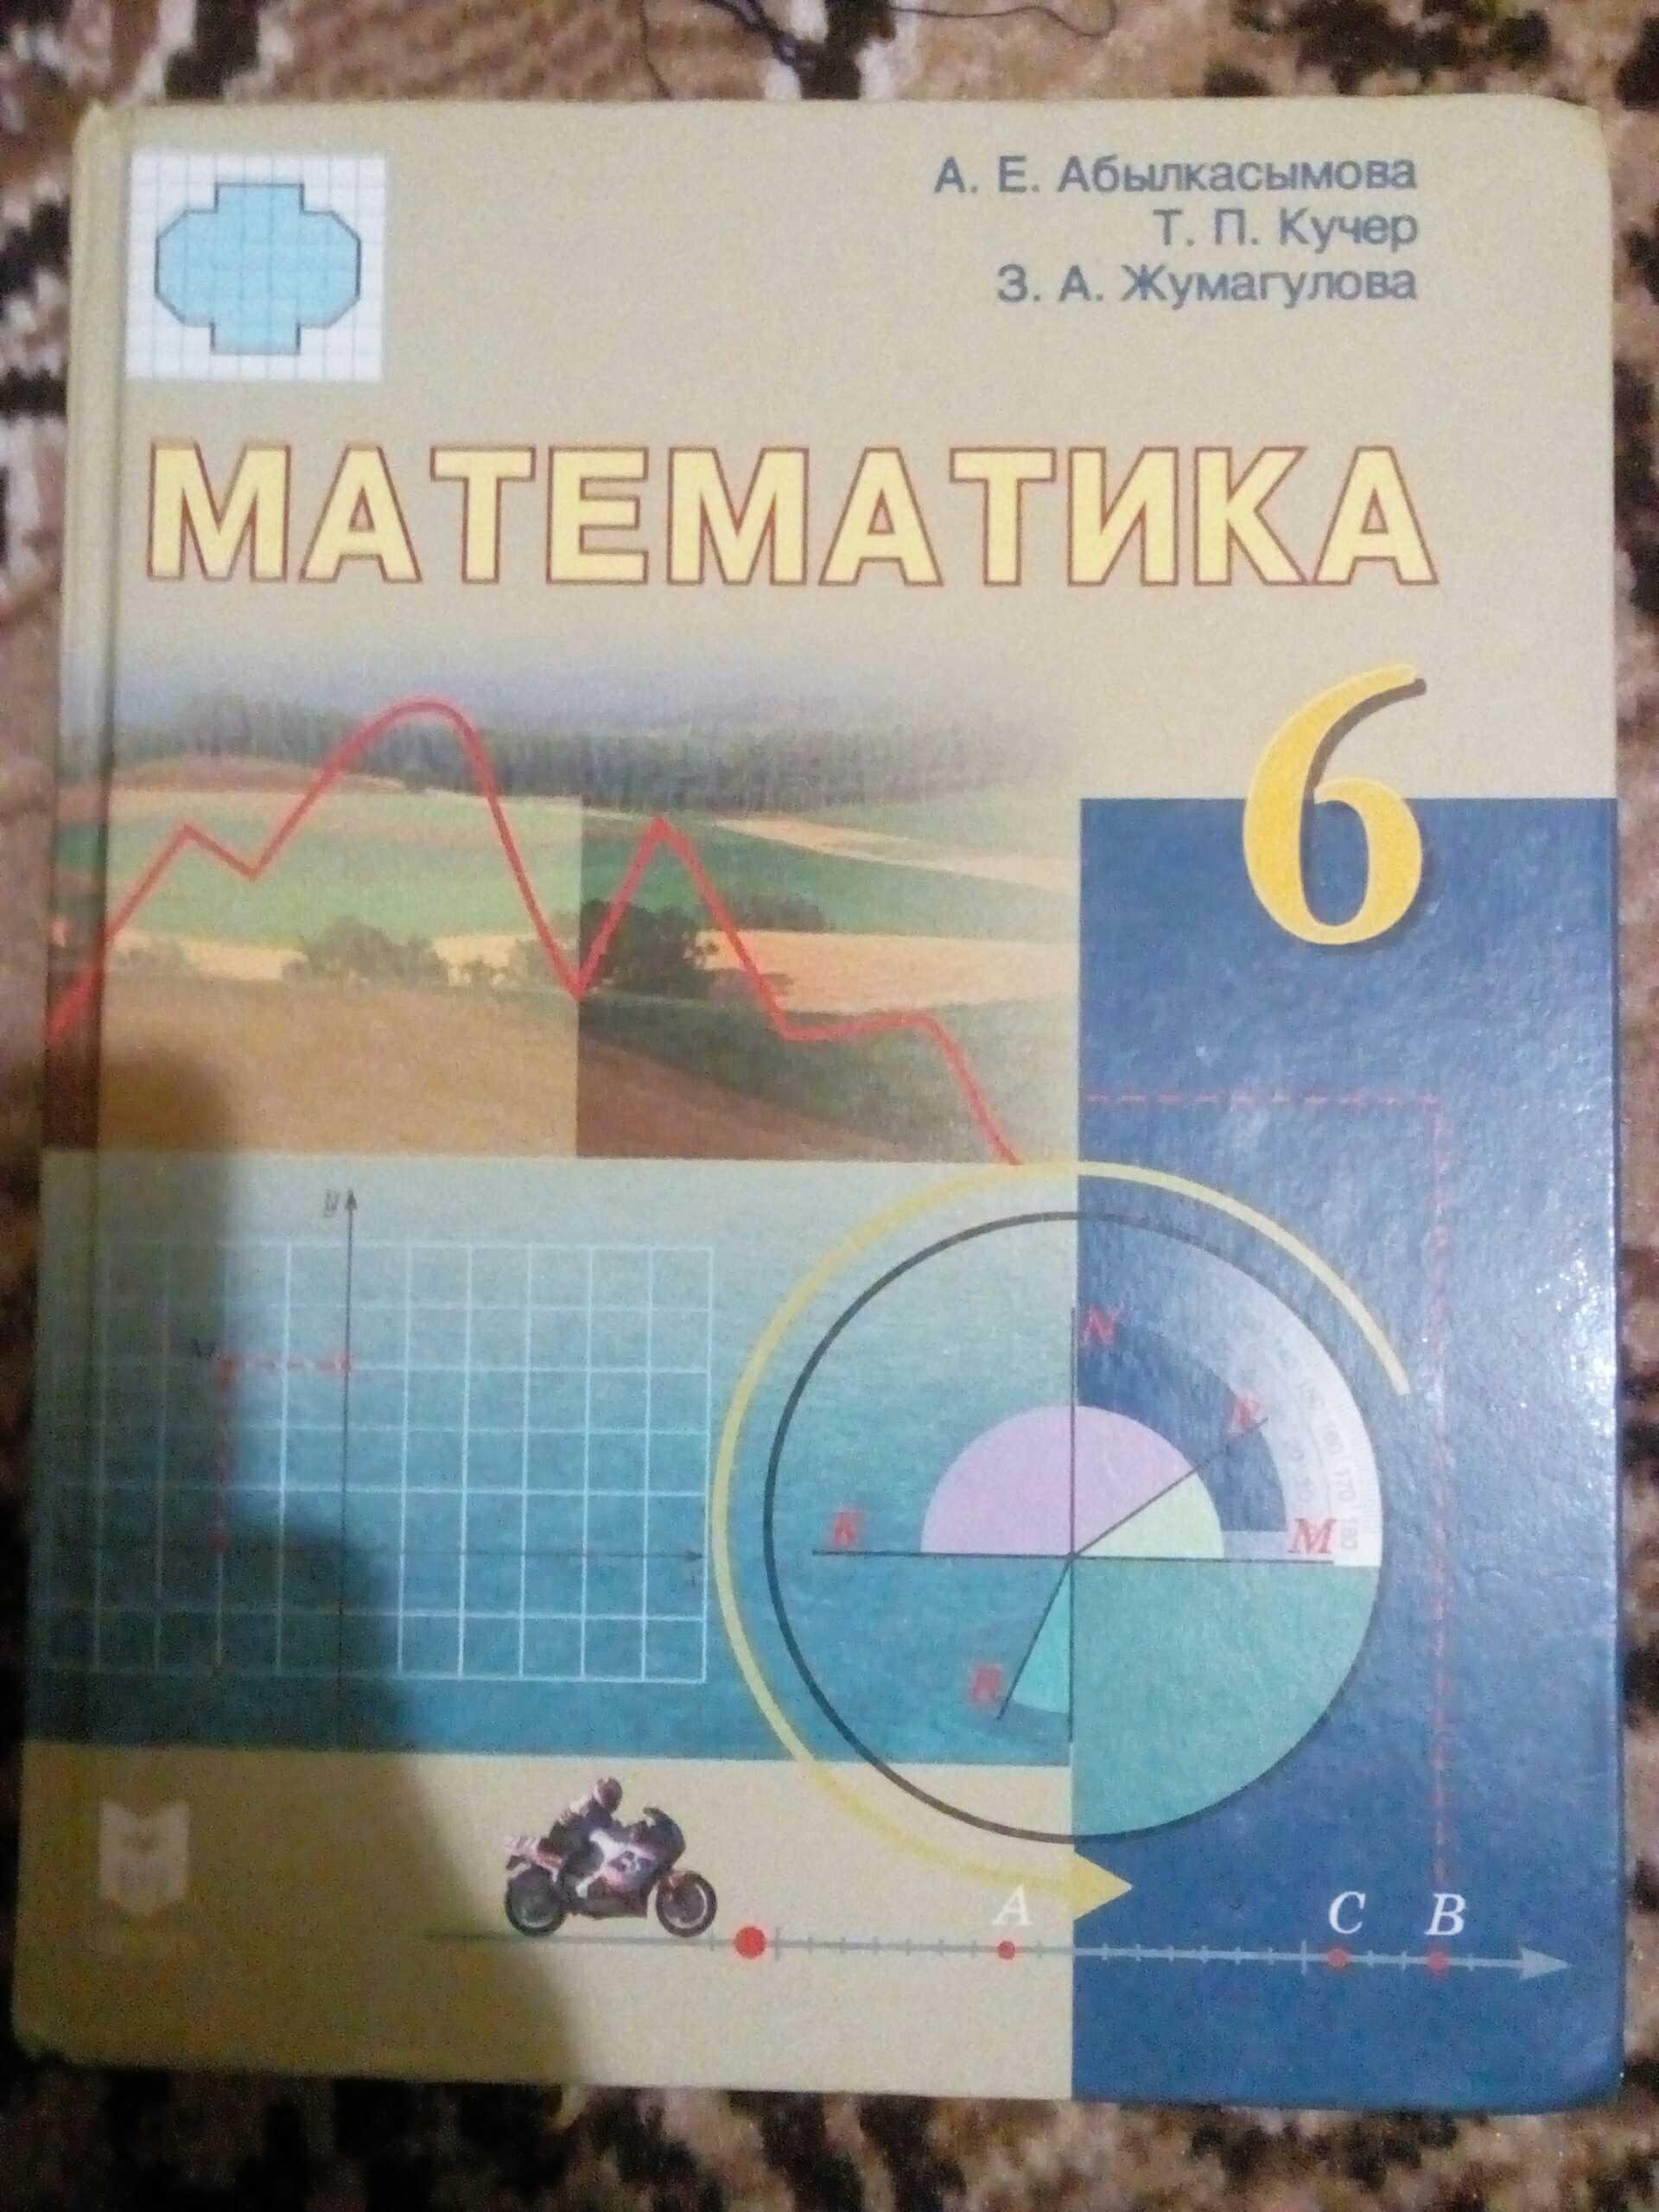 Ответы по Математике 5 класс Абылкасымова Кучер Жумагулова